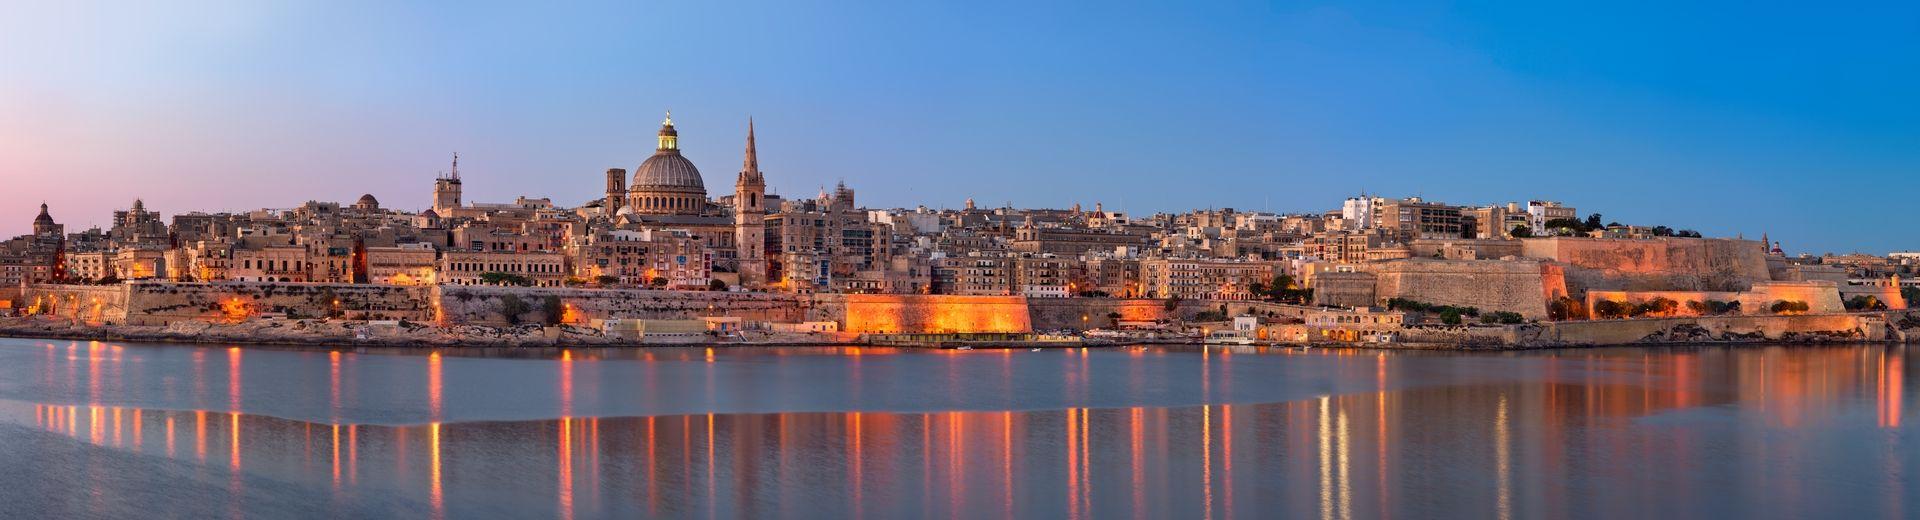 Luxuskreuzfahrt: Mittelmeer mit Malta und Italien